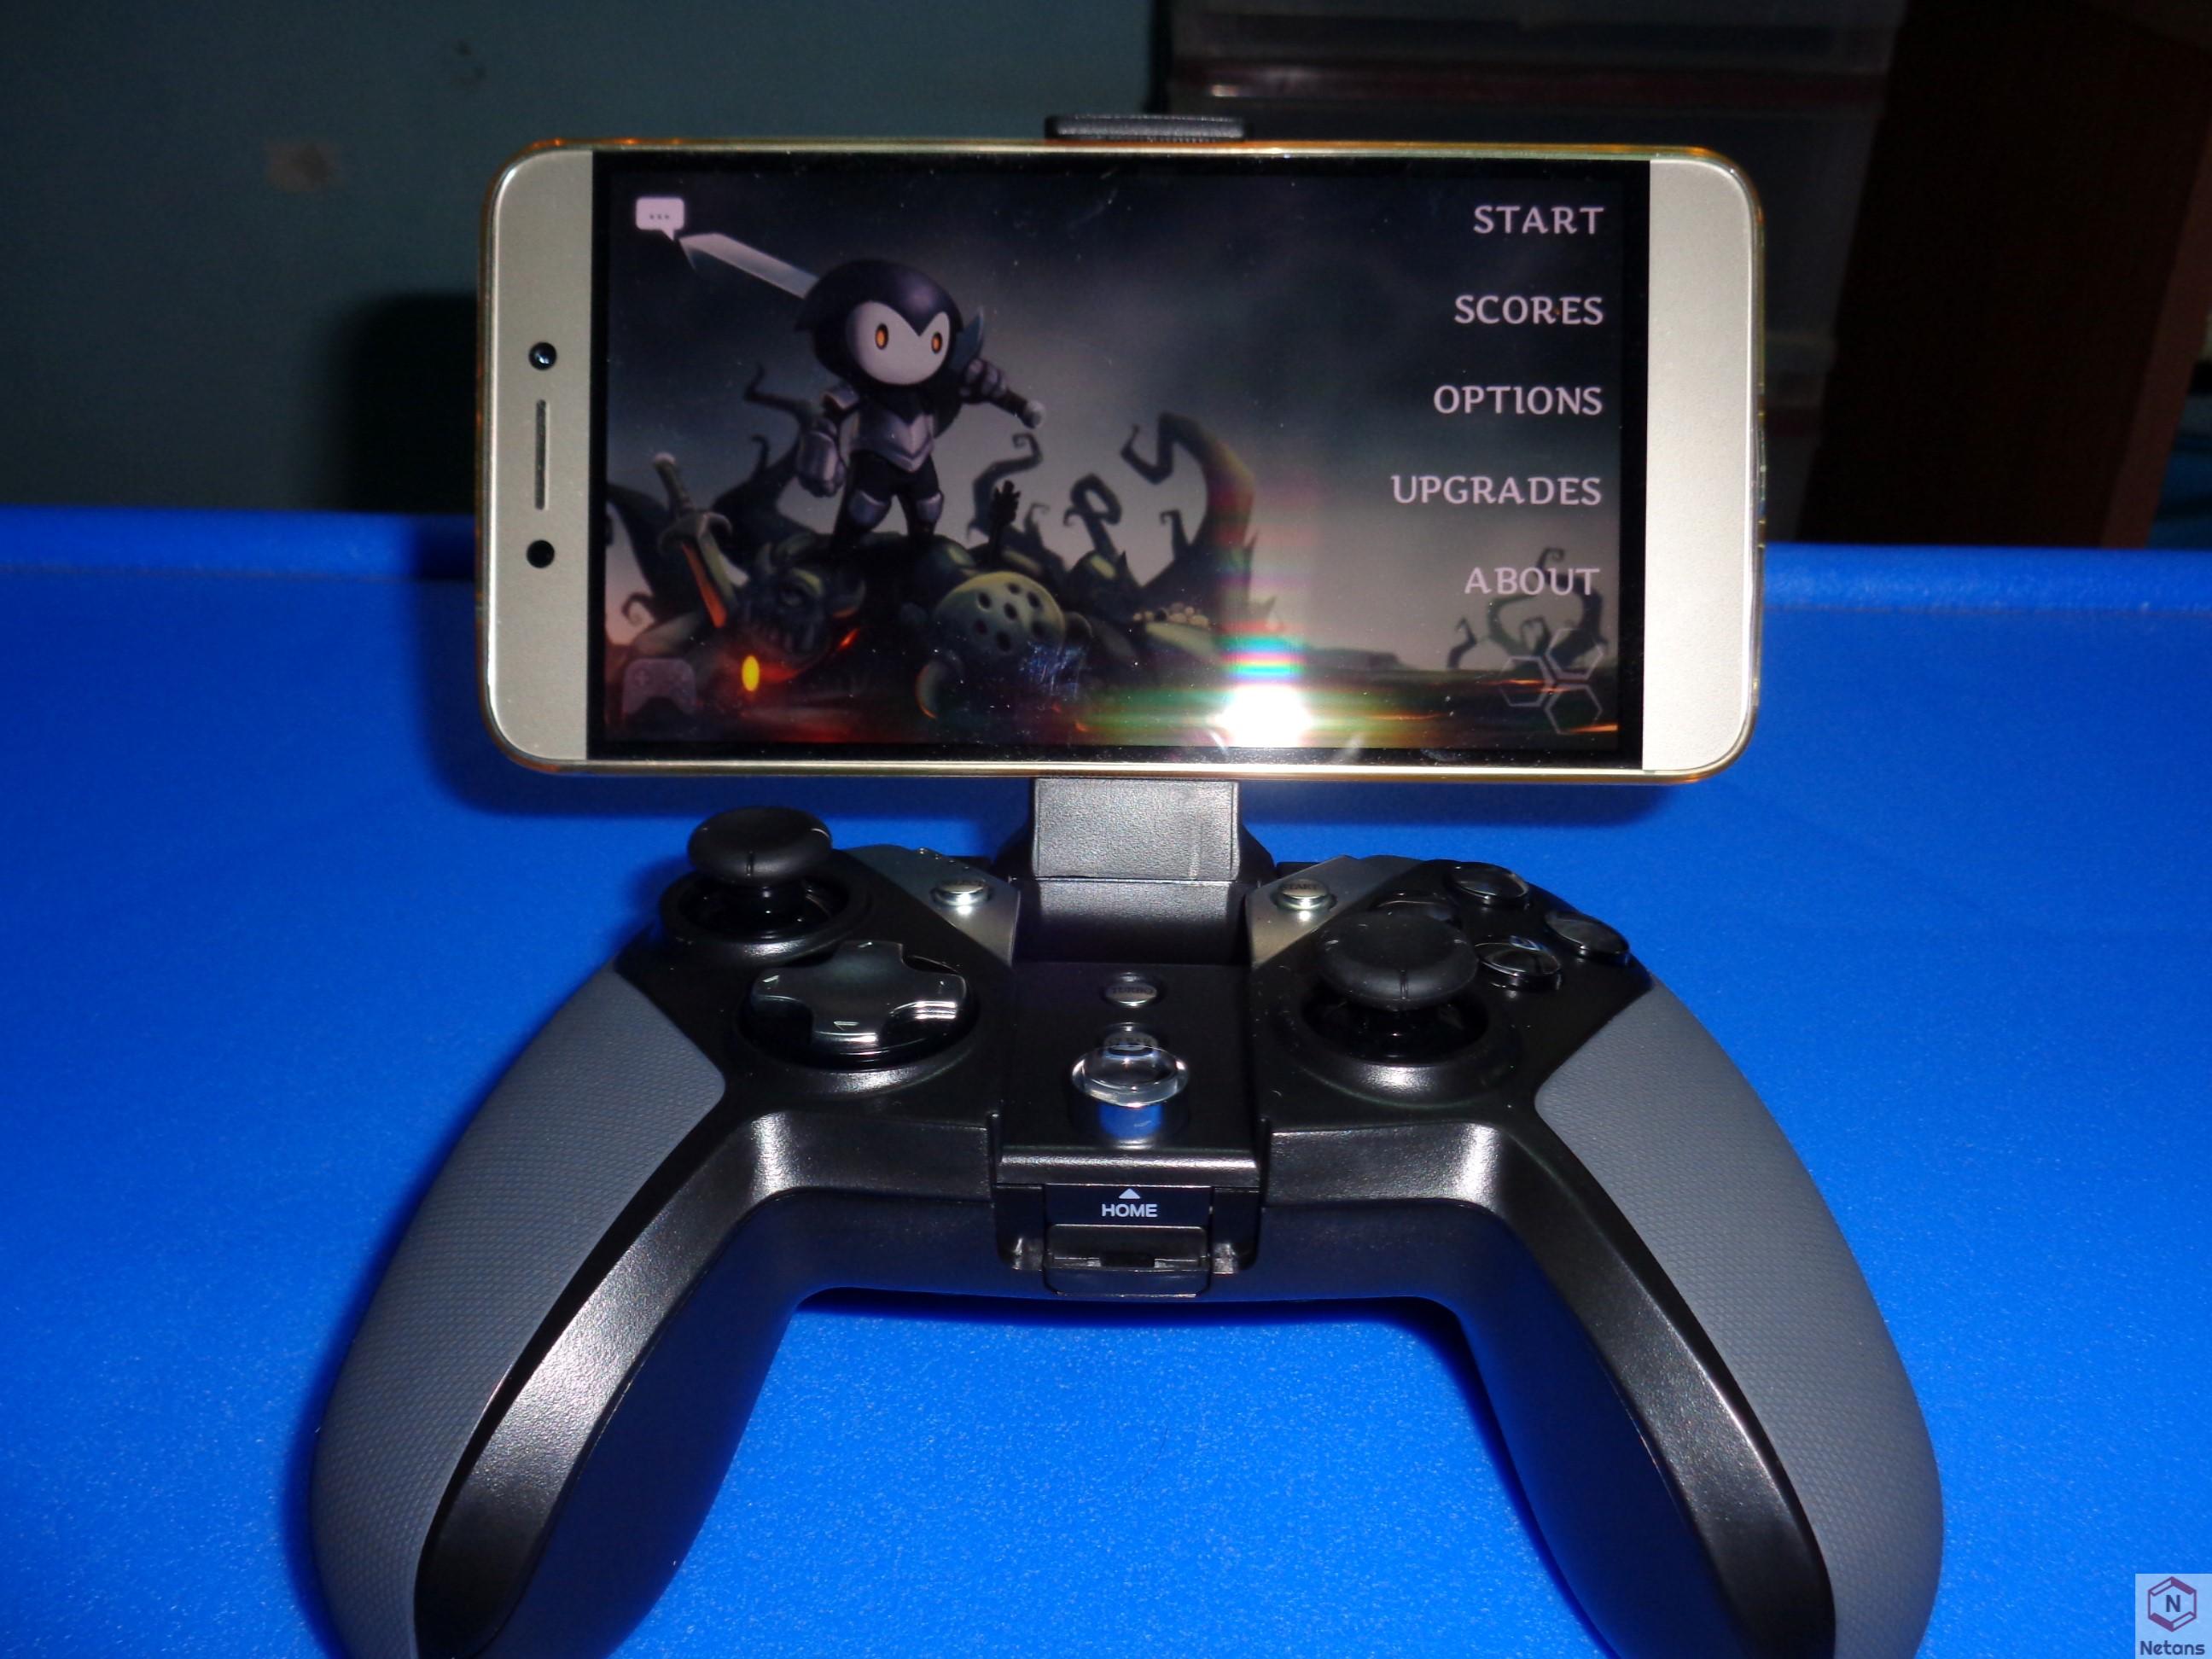 GameSir G4s assembled